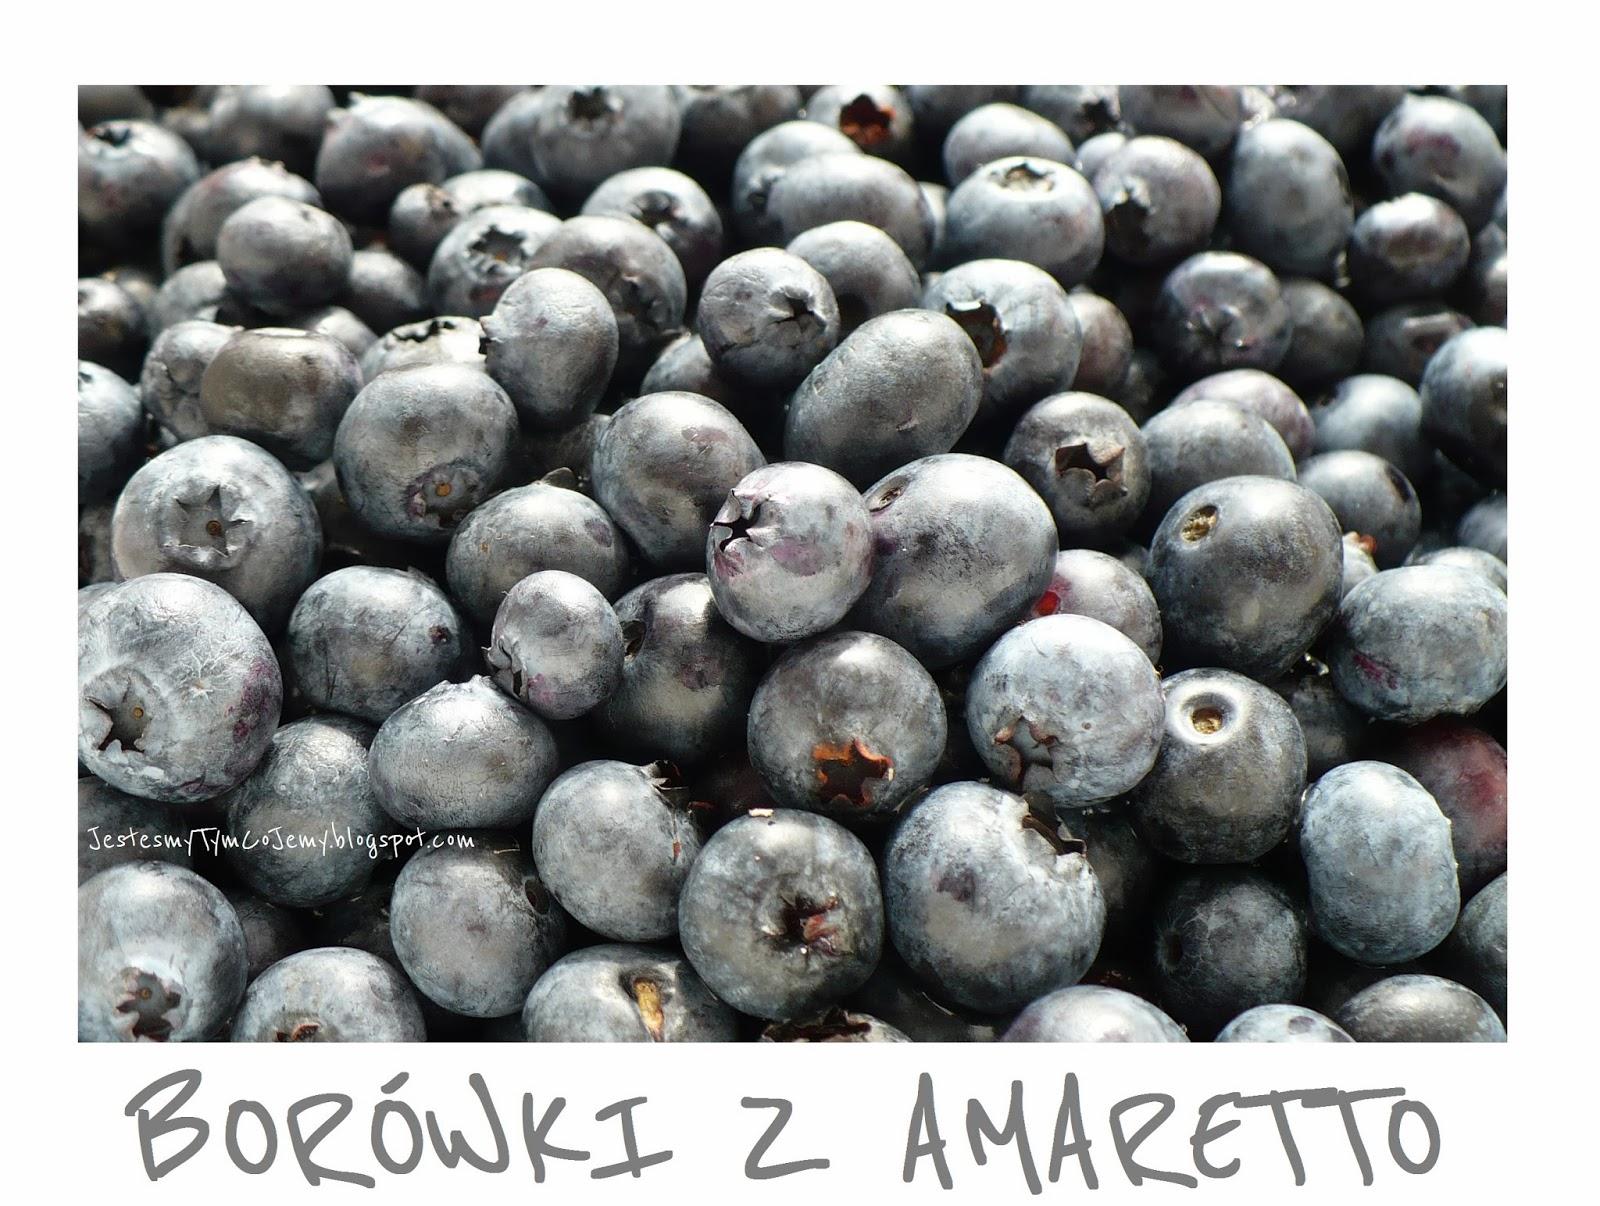 http://jestesmytymcojemy.blogspot.com/2013/08/borowki-z-amaretto-bez-cukru.html